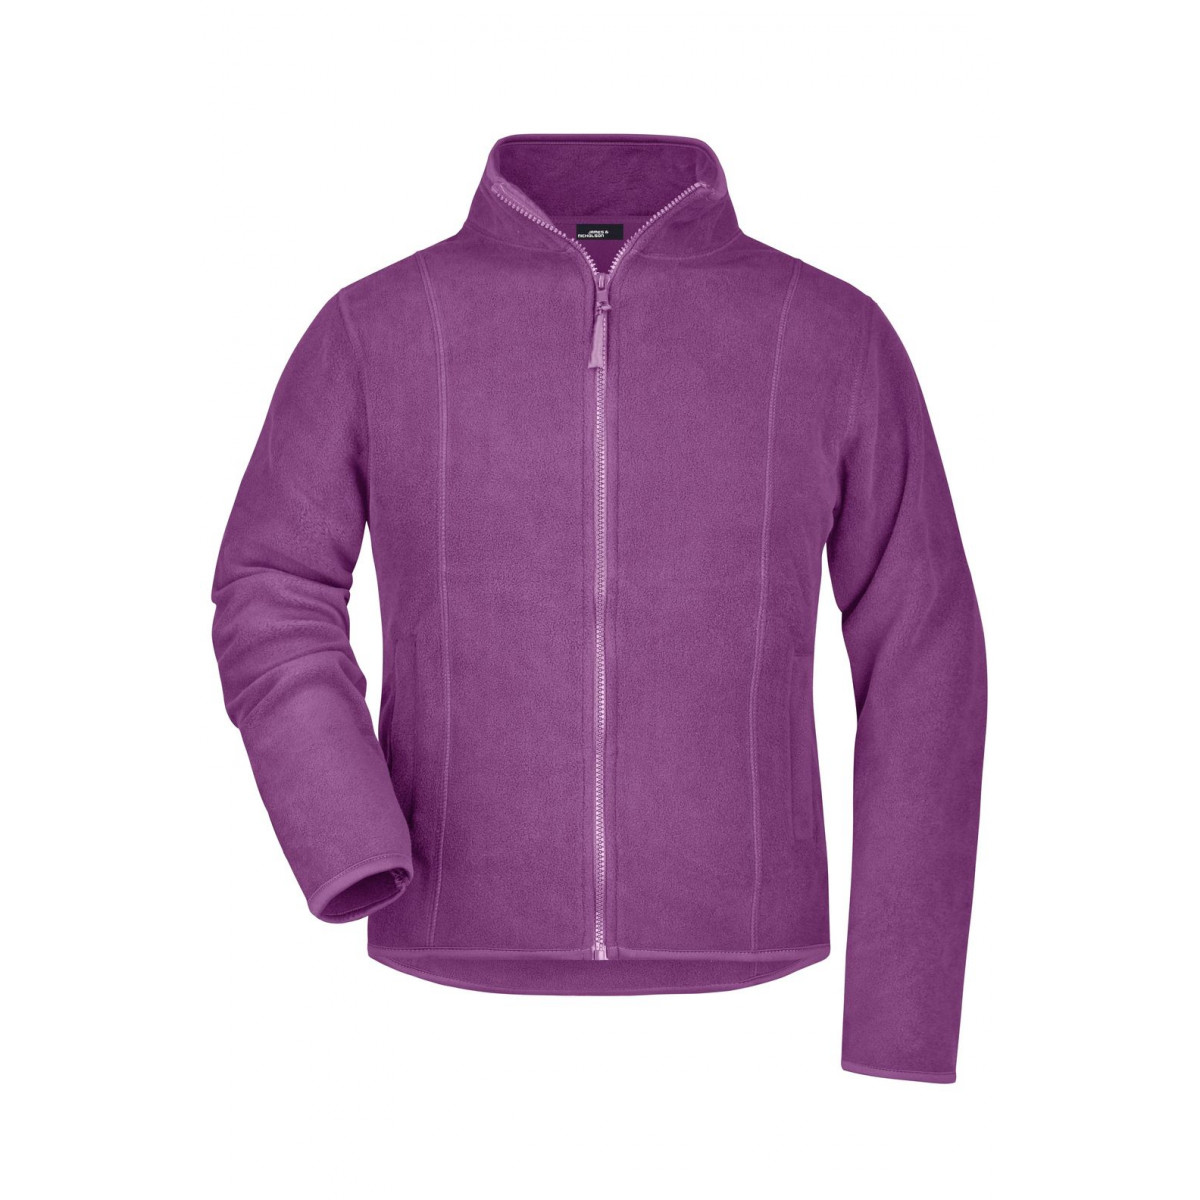 Толстовка женская JN049 Girly Microfleece Jacket - Фиолетовый